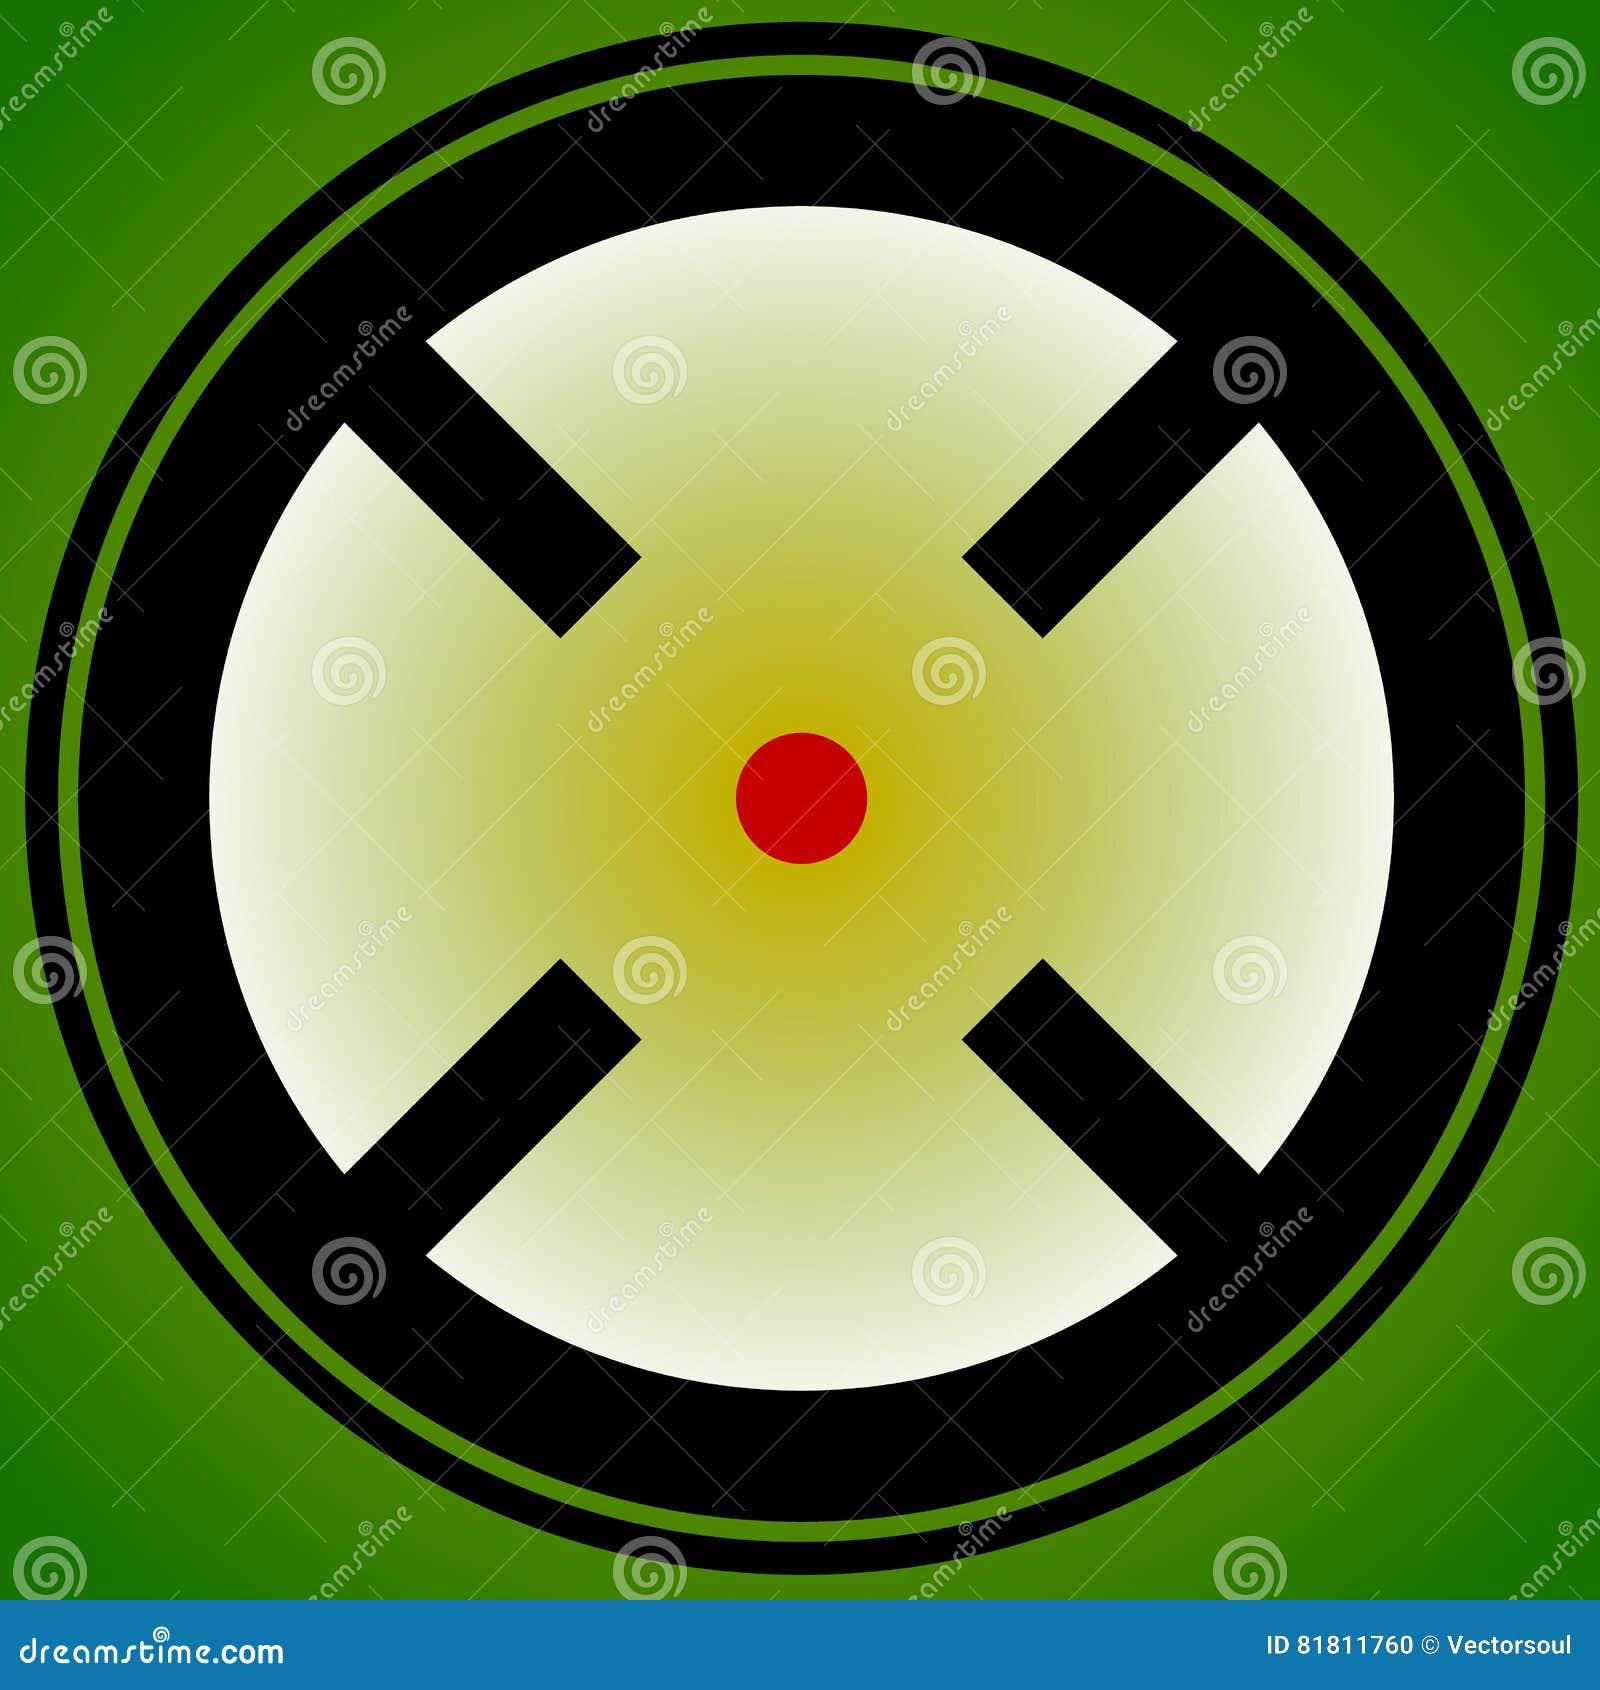 Vise a marca, retículo, ícone do crosshair para o foco, precisão, alvo